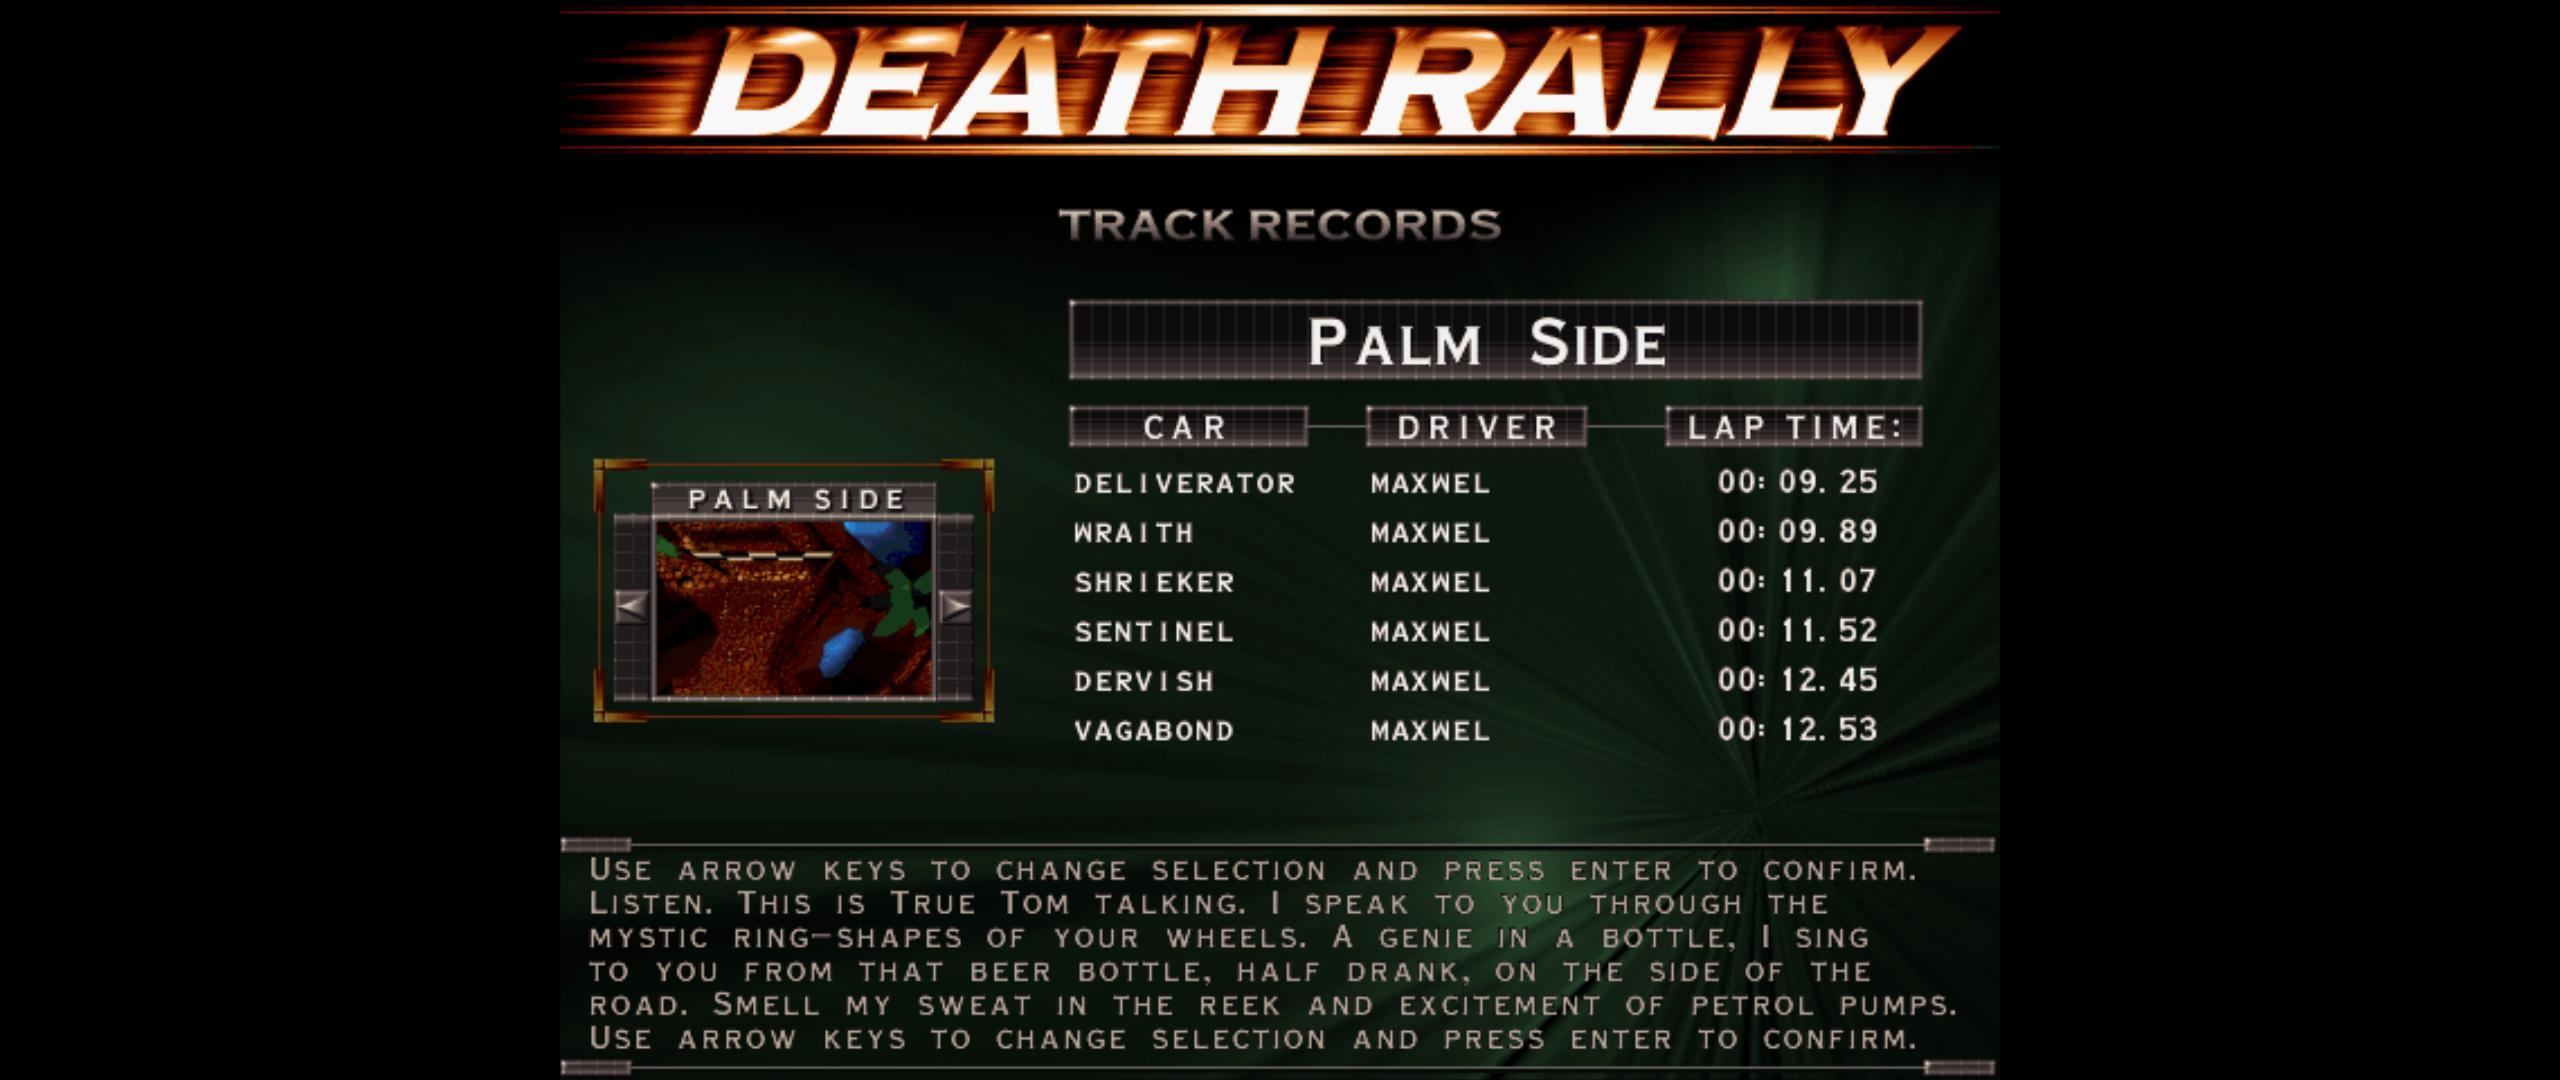 Maxwel: Death Rally [Palm Side, Wraith Car] (PC) 0:00:09.89 points on 2016-03-04 06:45:59